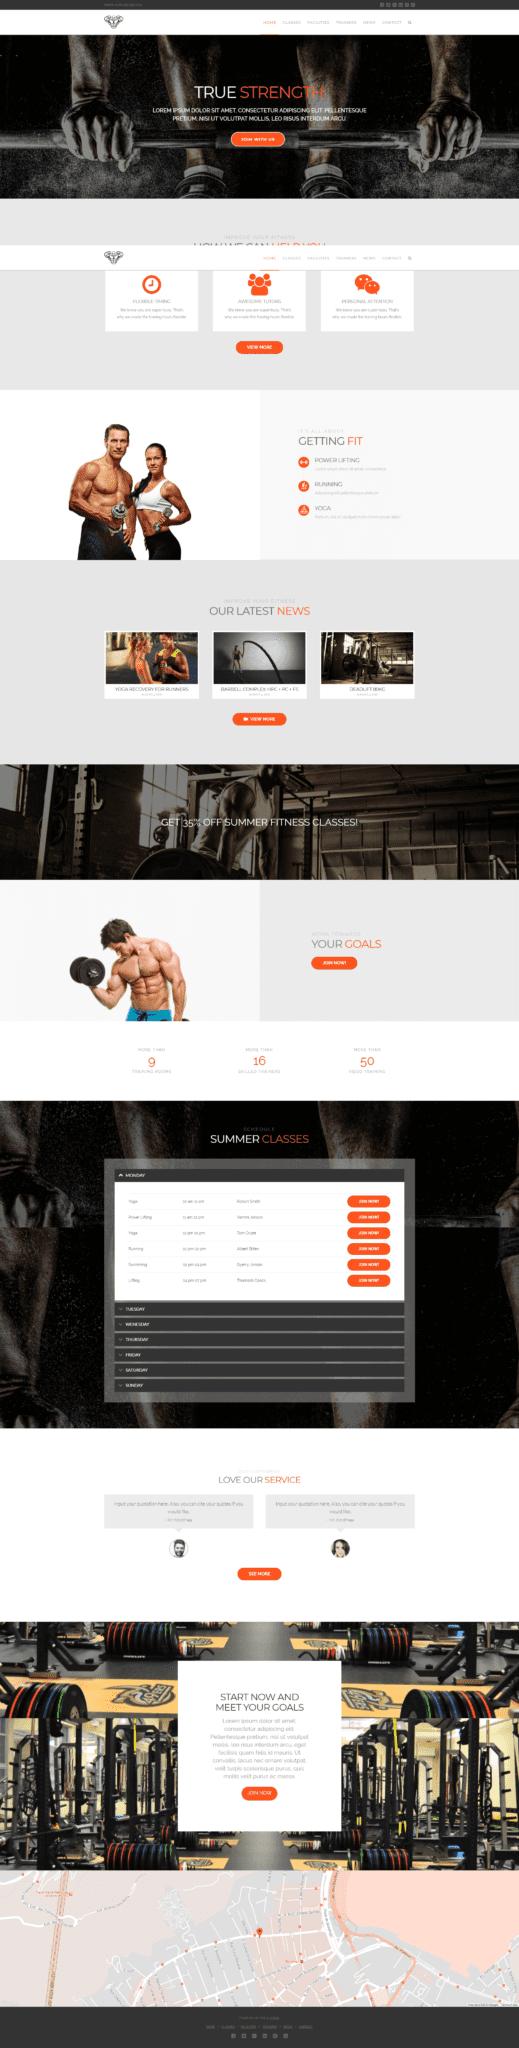 best wordpress theme for gym